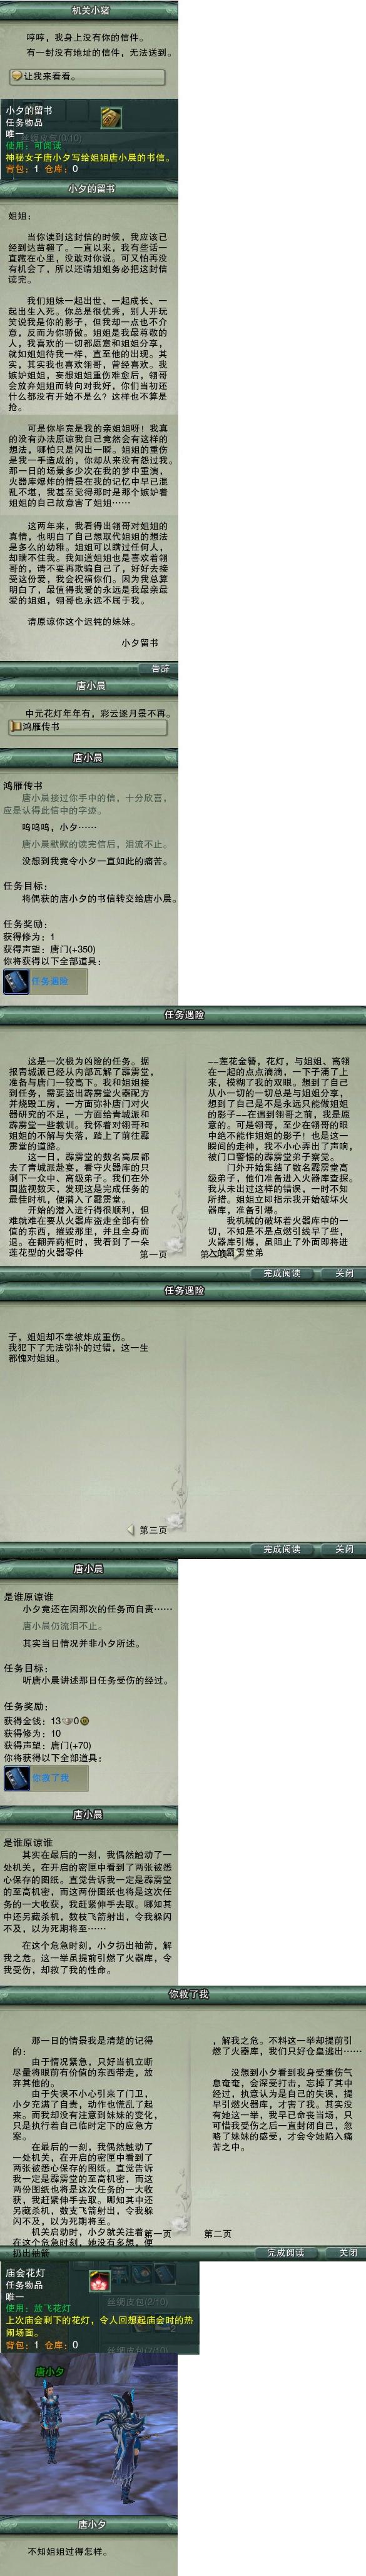 机关小猪隐藏任务02 唐小夕.jpg